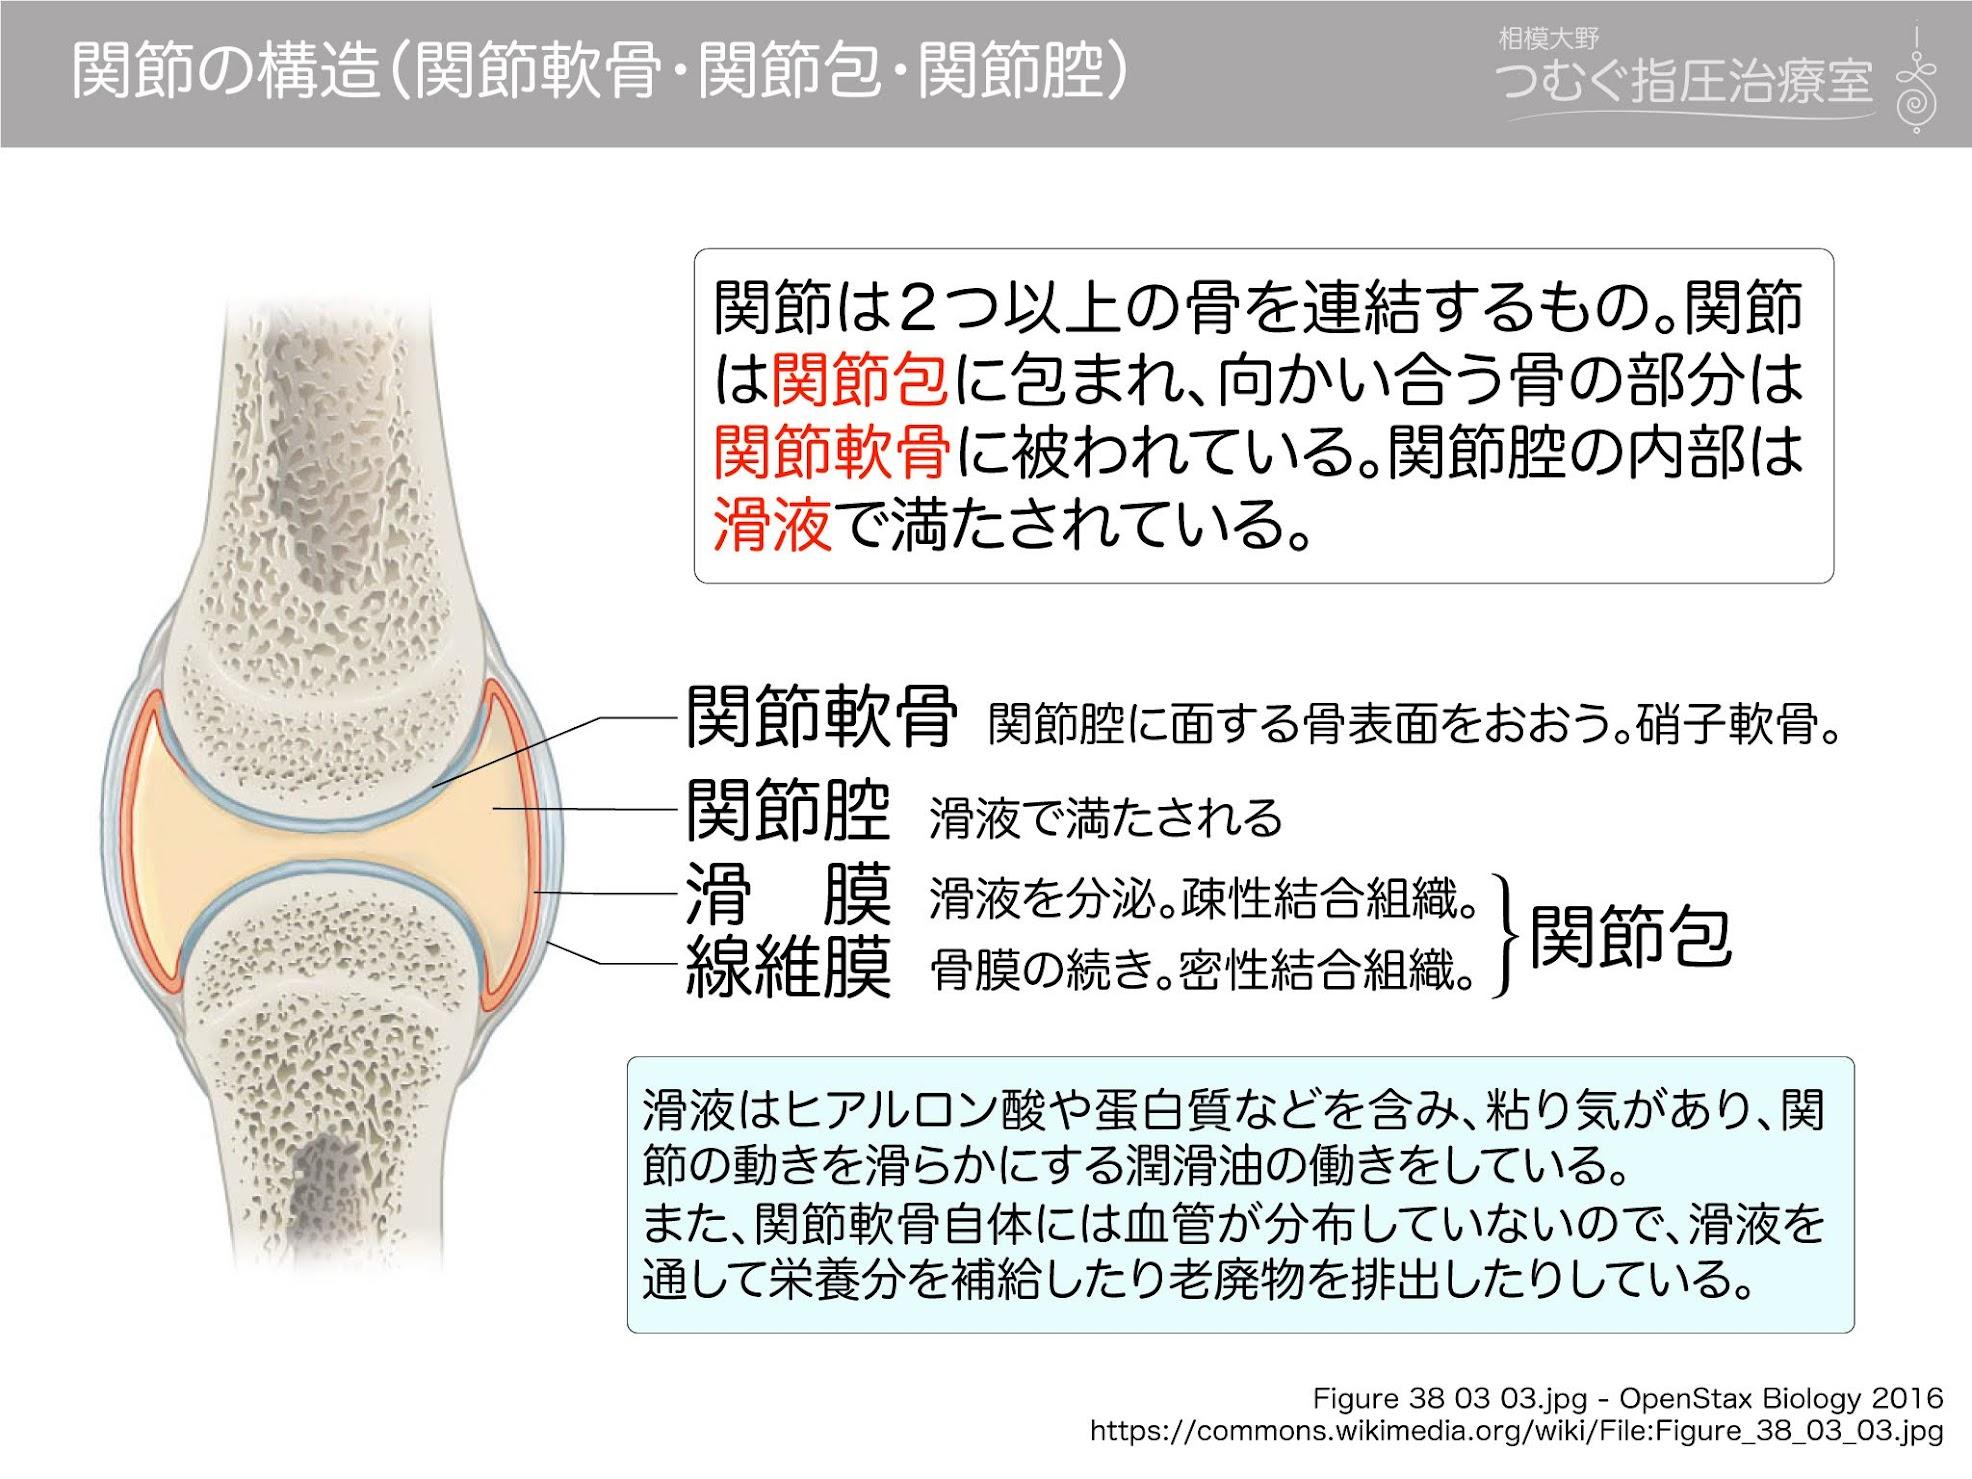 関節の構造(関節軟骨・関節包・関節腔) | 徹底的解剖學